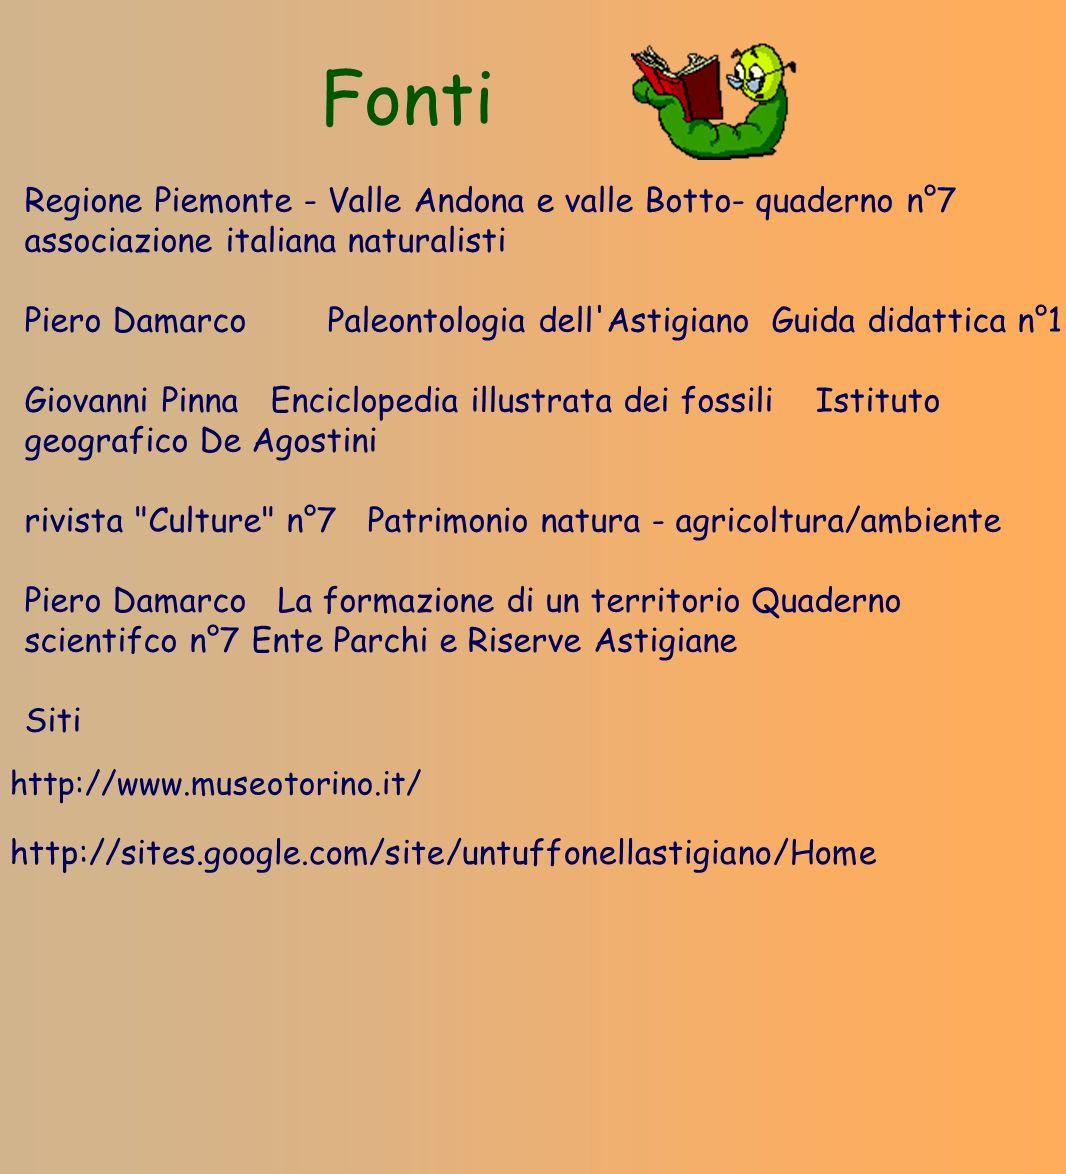 Fonti Regione Piemonte - Valle Andona e valle Botto- quaderno n°7 associazione italiana naturalisti.